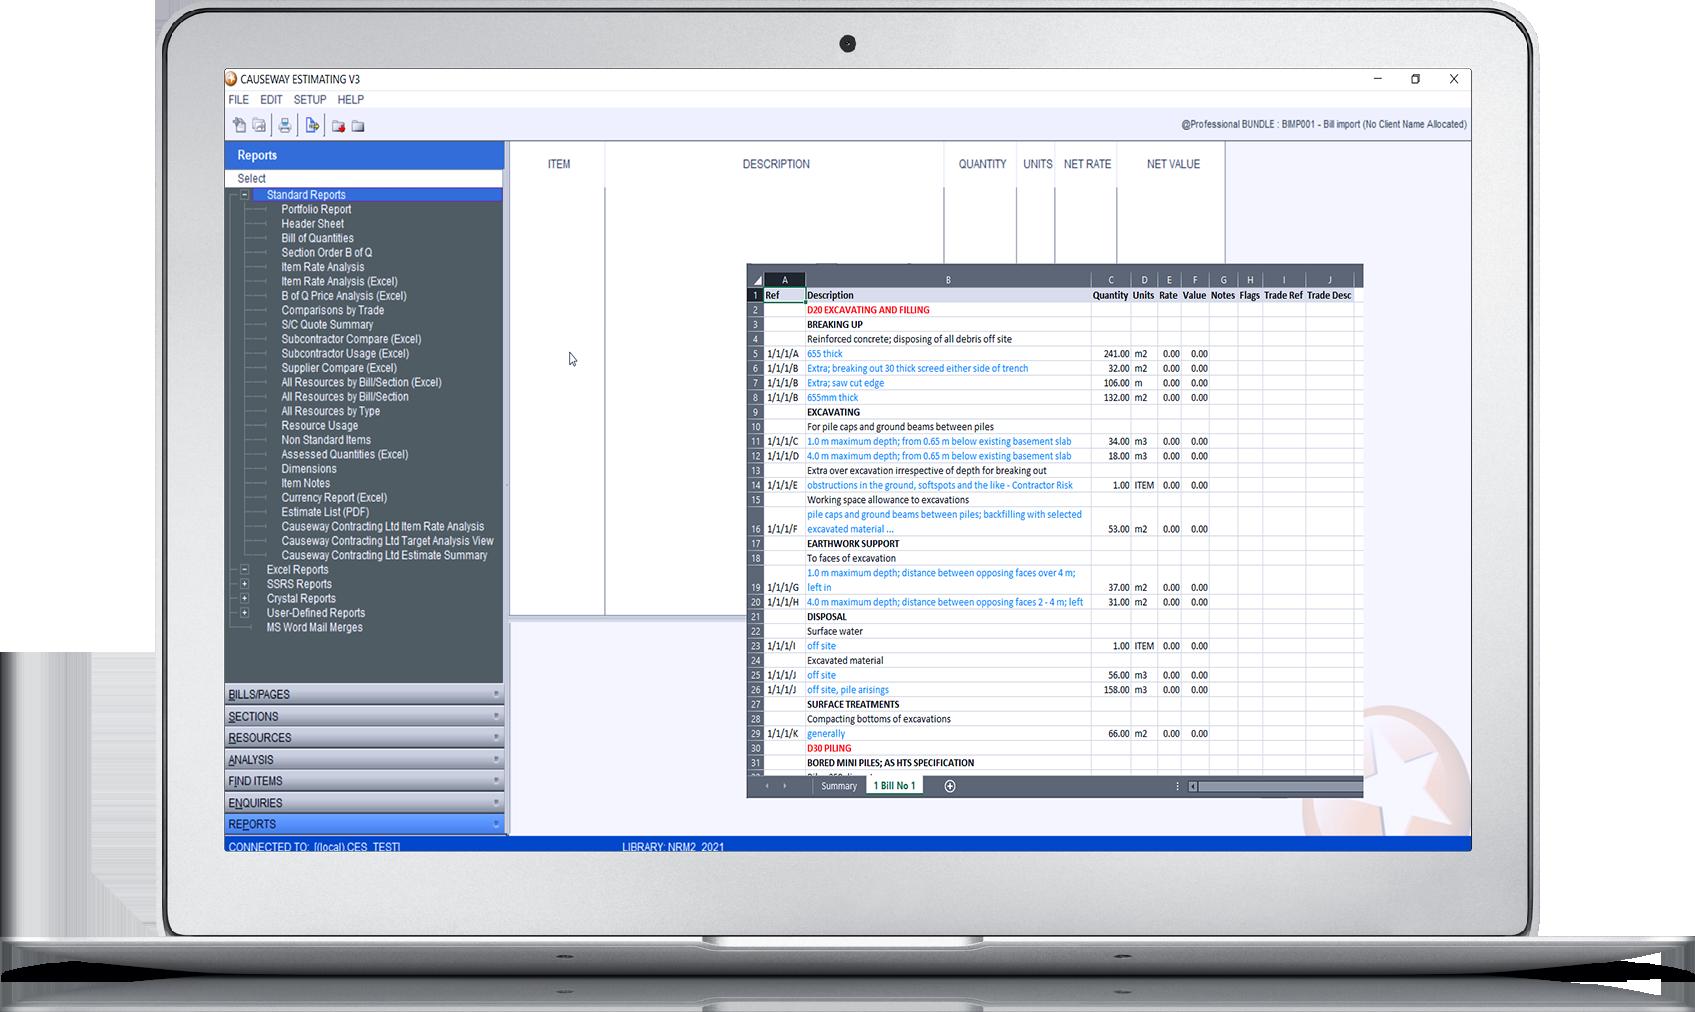 EMQL - report portfolio